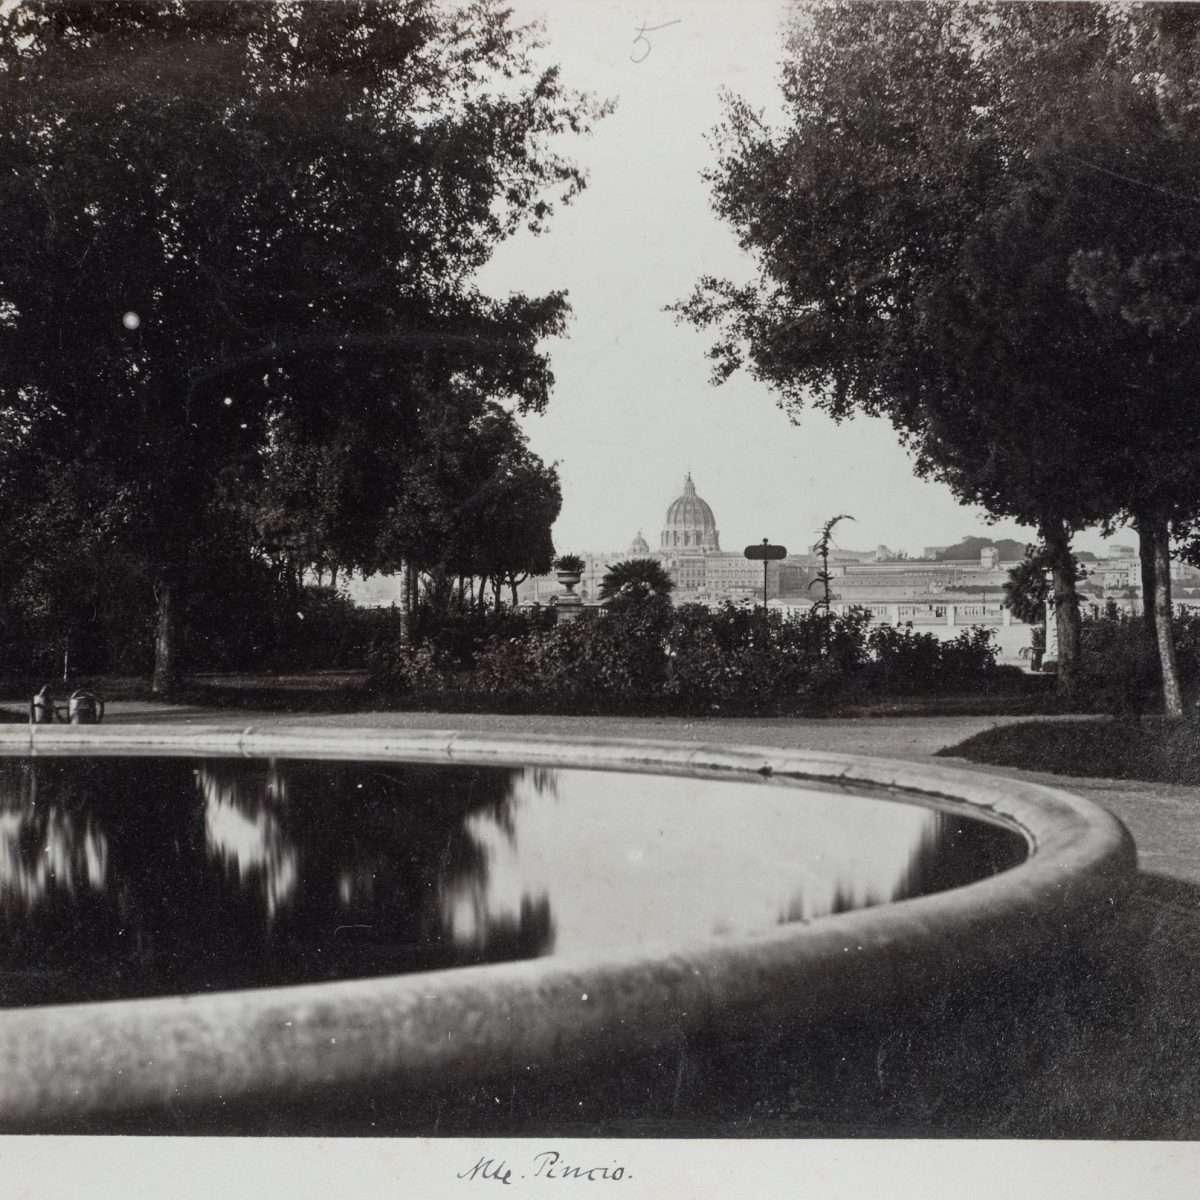 L-1090146 - San Pietro dal Pincio- James Anderson - 1860